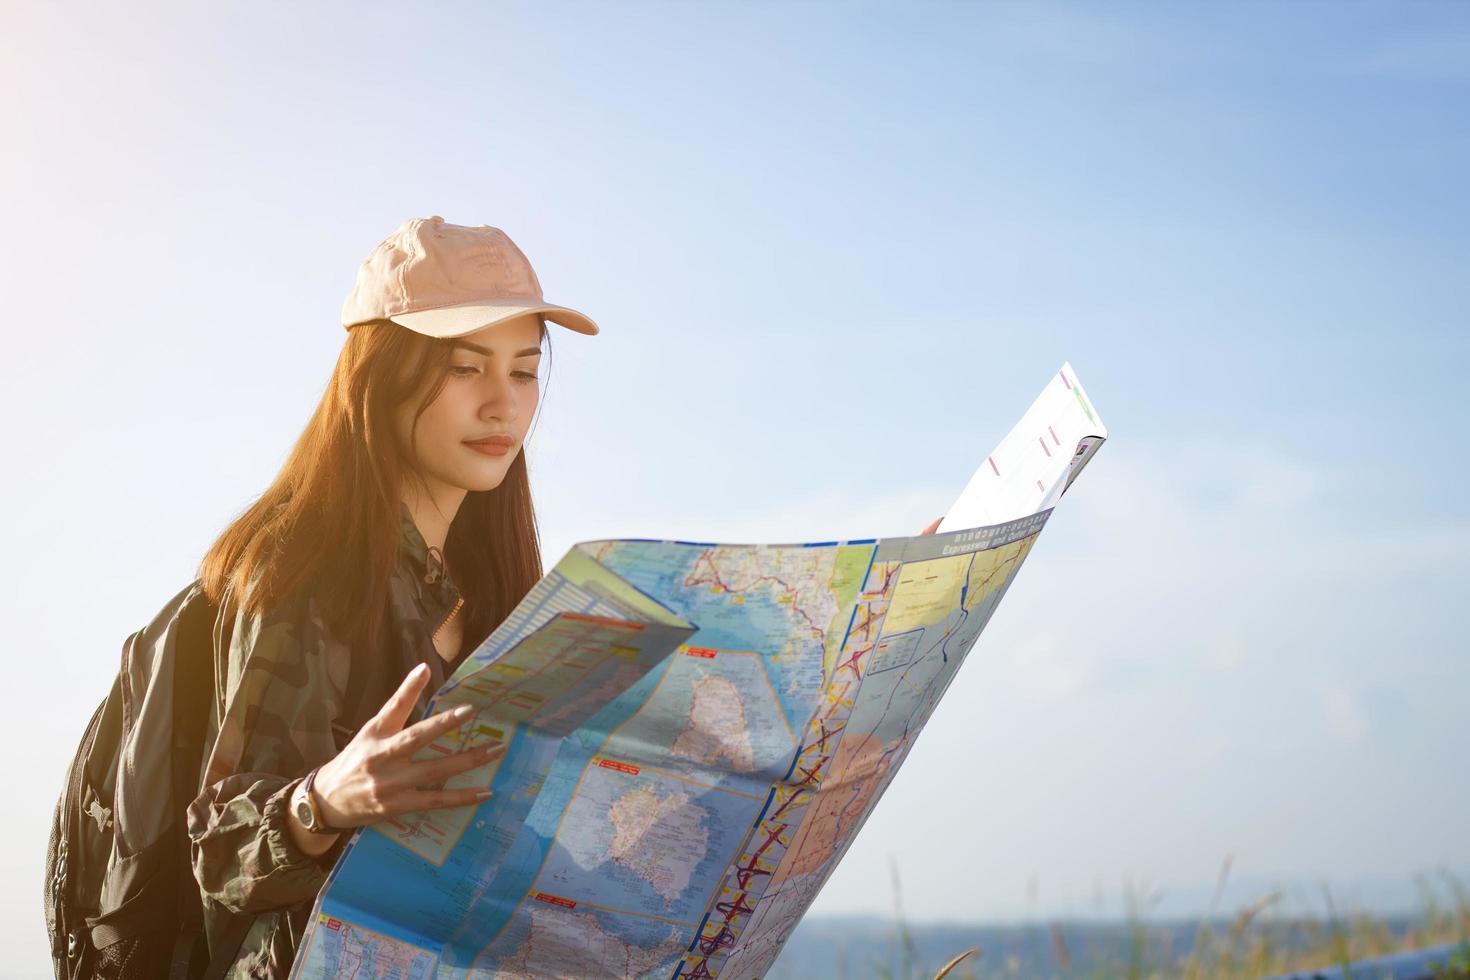 Woman hiker looking at map photo